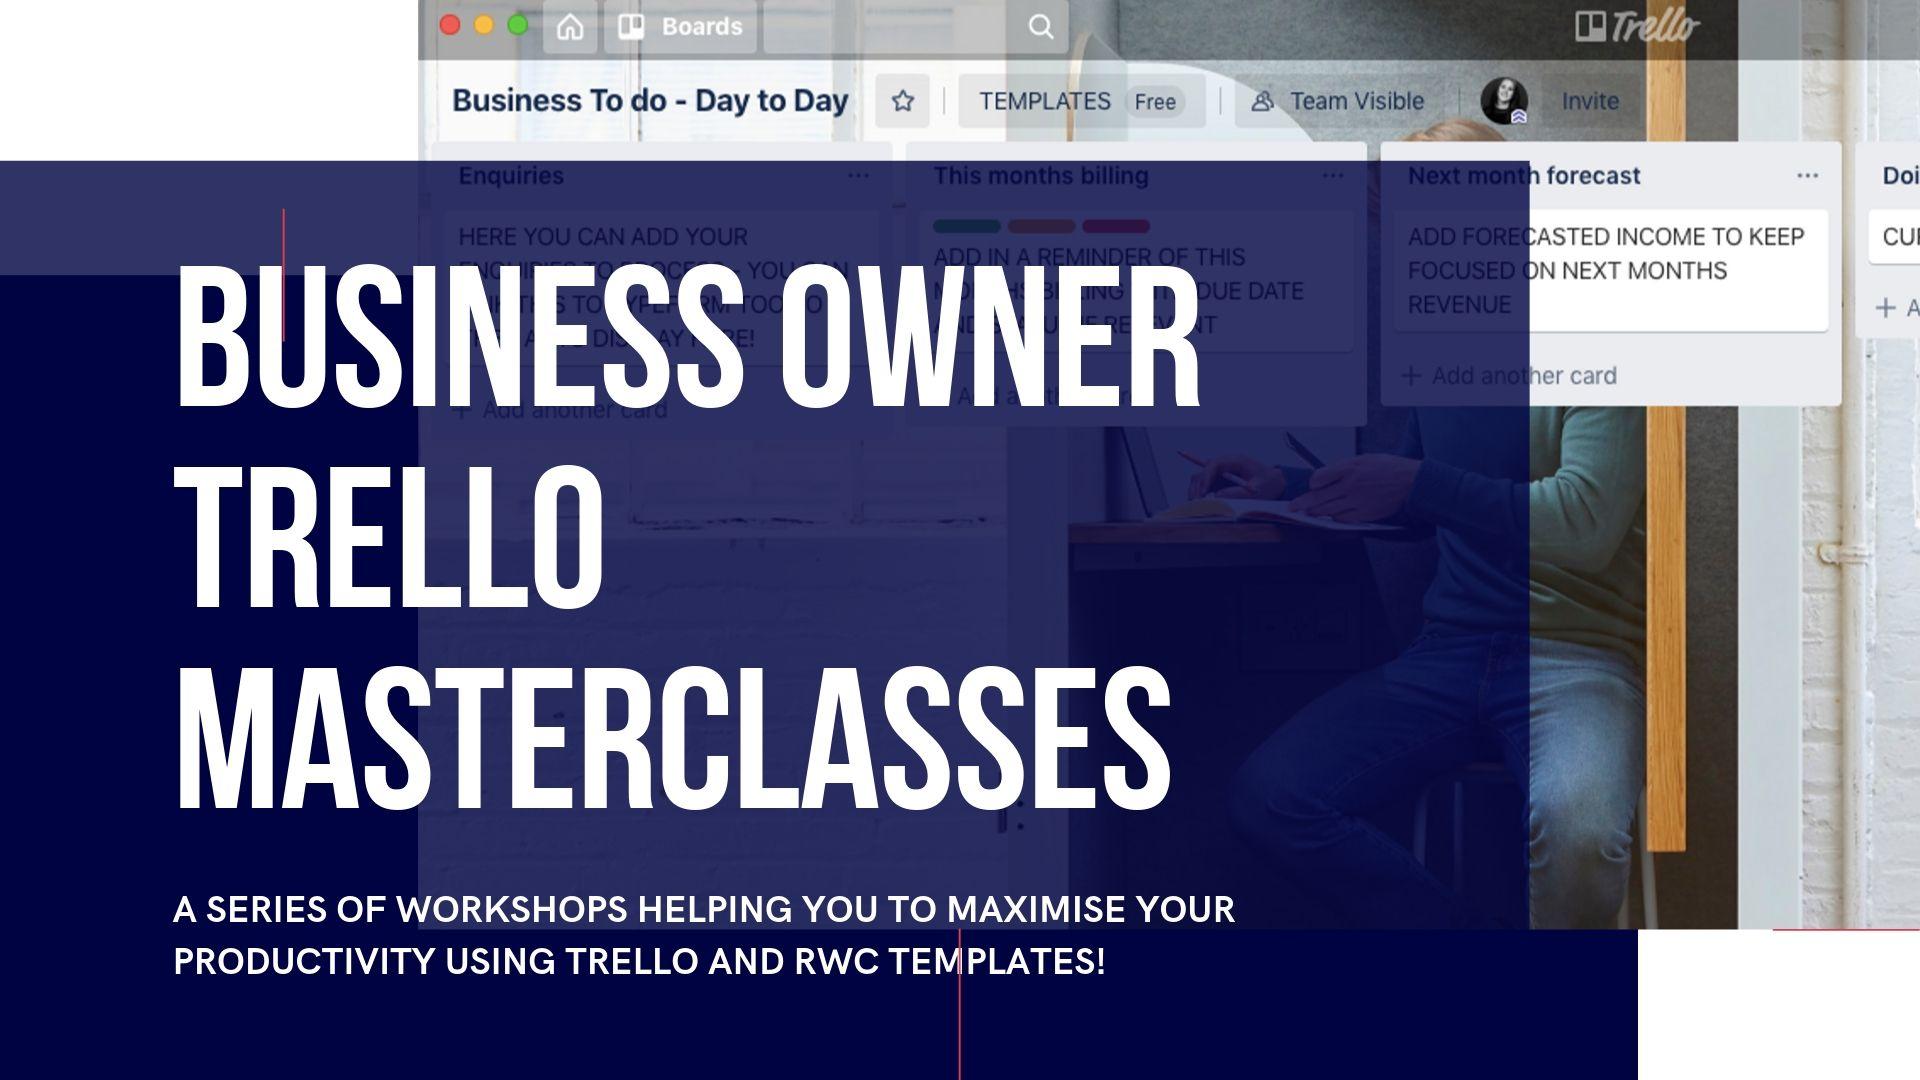 Business Owner Trello Masterclasses.jpg